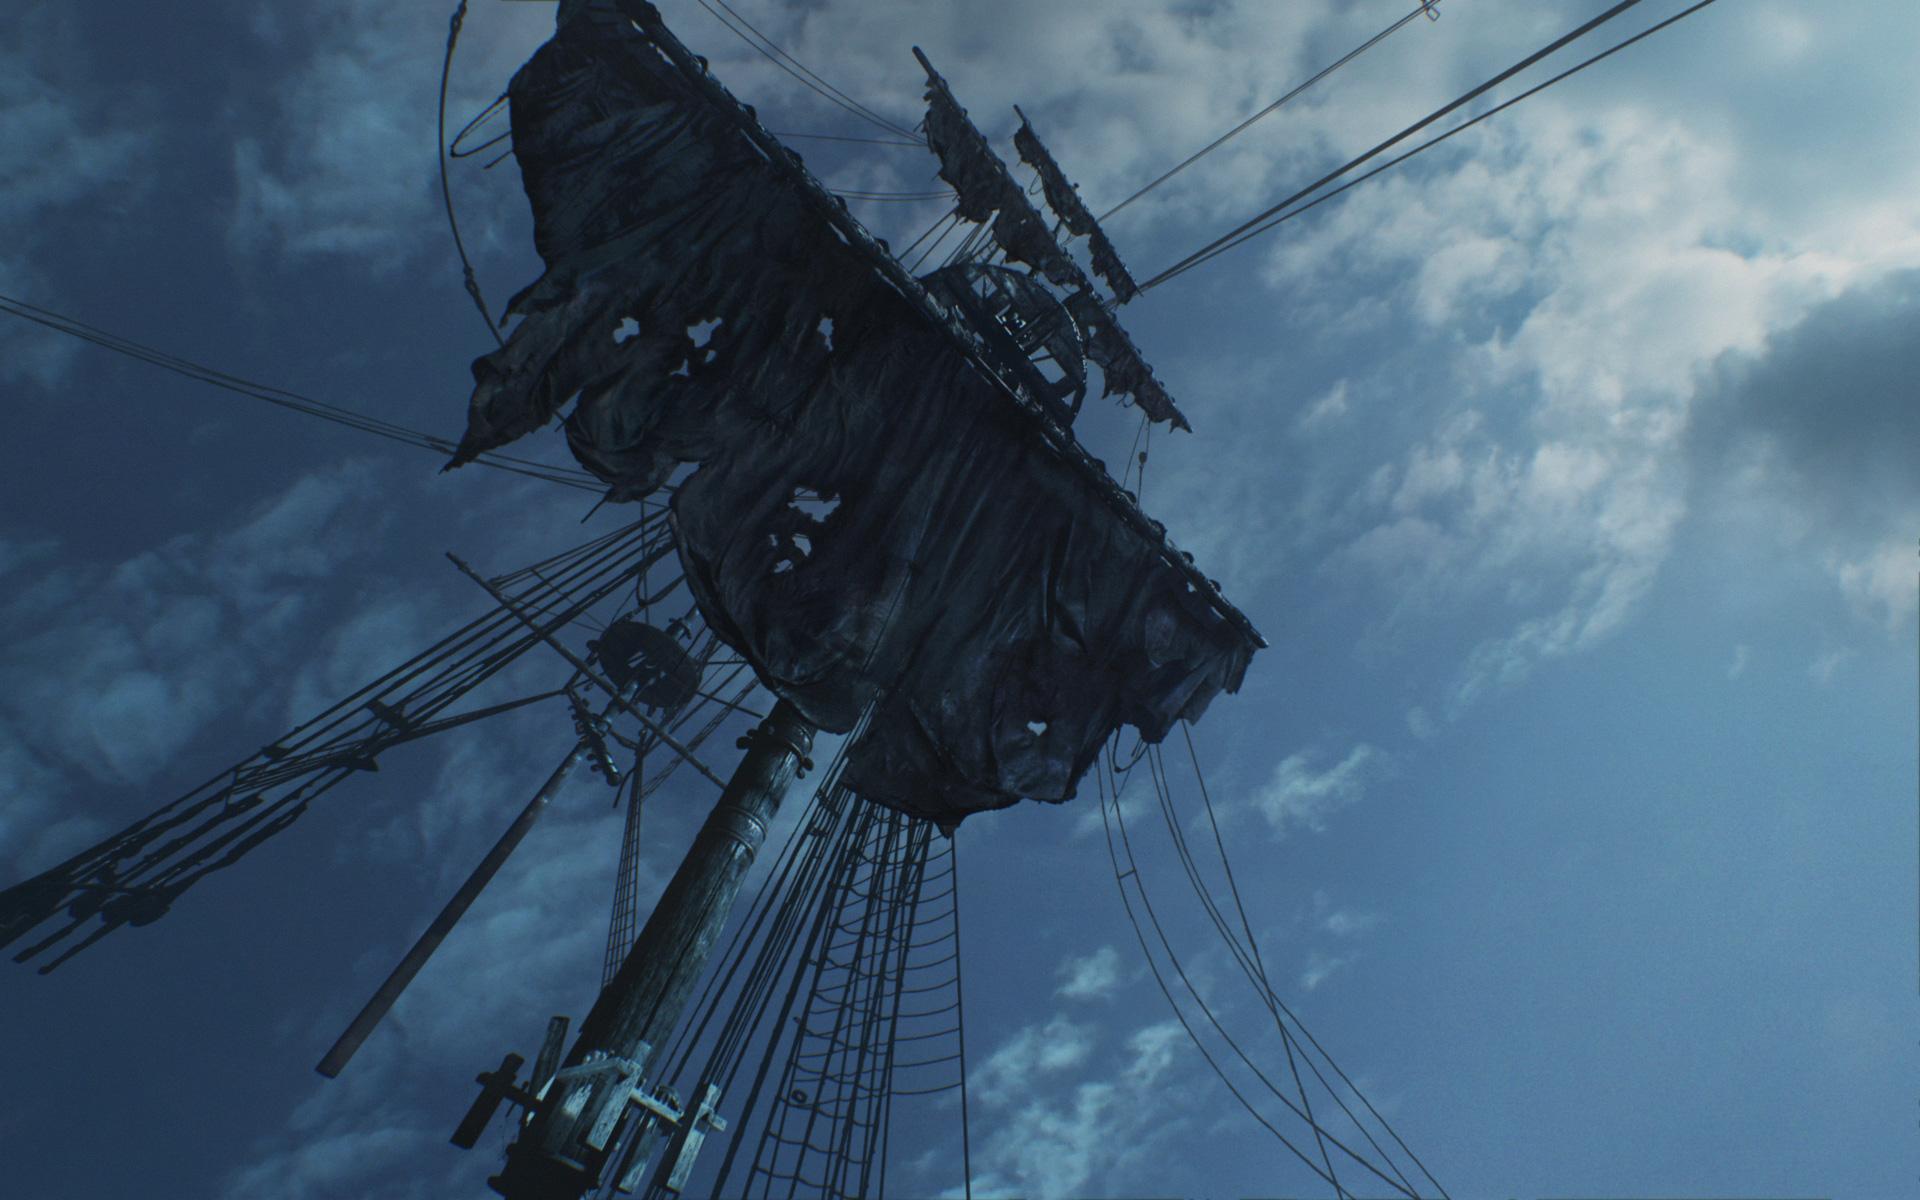 23. Uncharted4_DMP_IgorStaritsin.jpg